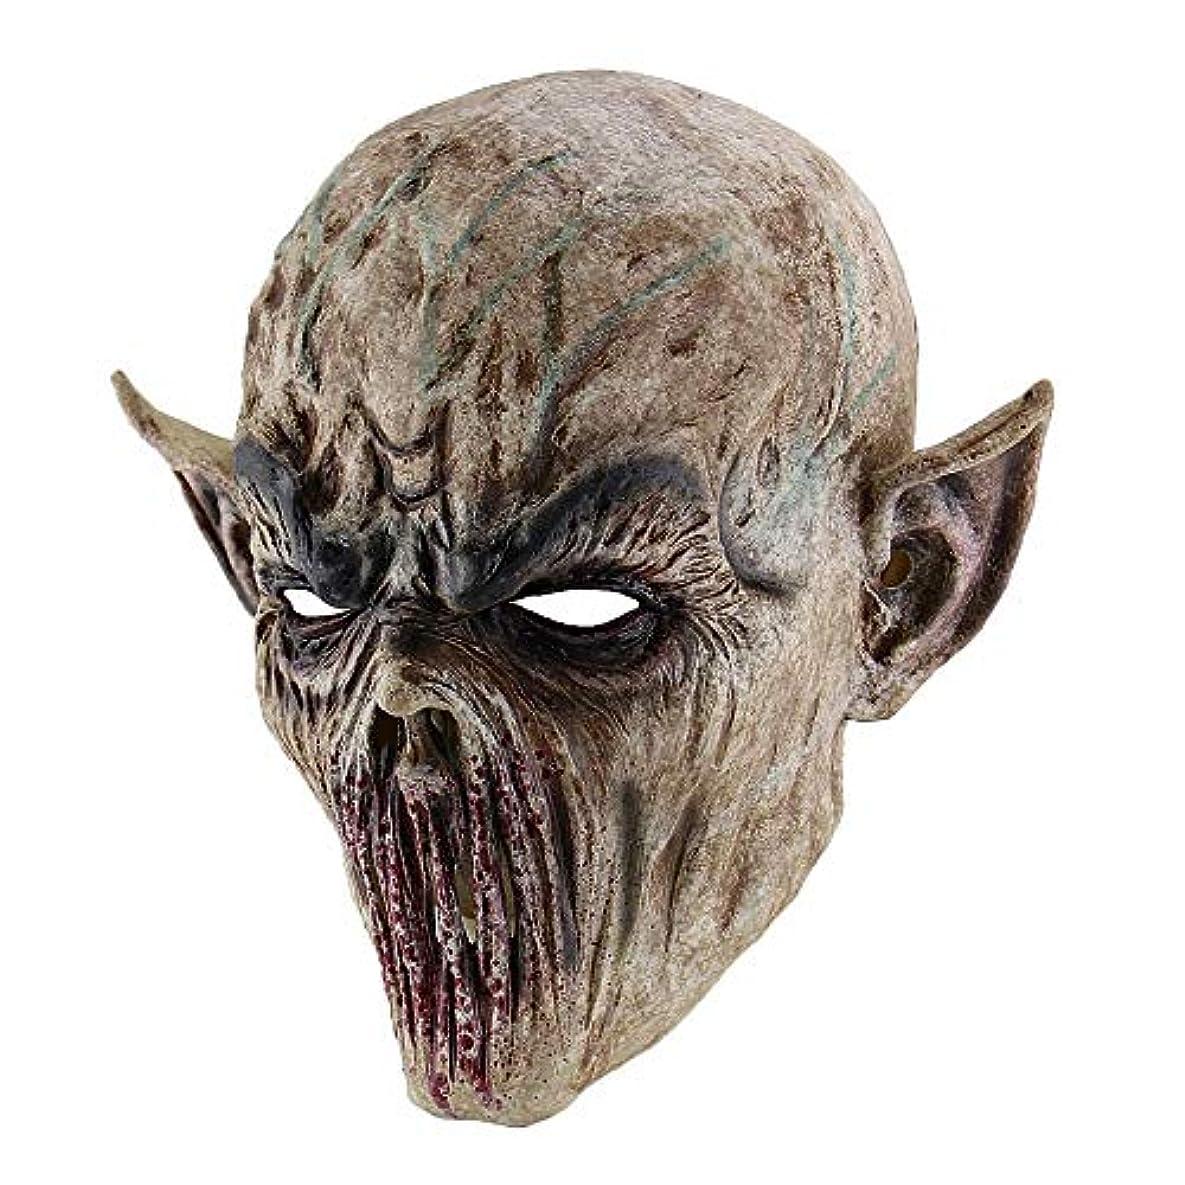 ニックネームカブ不安不気味な怖いハロウィーン不気味なラテックスマスク、大人のパーティーコスプレ衣装、仮装衣装,Zombie